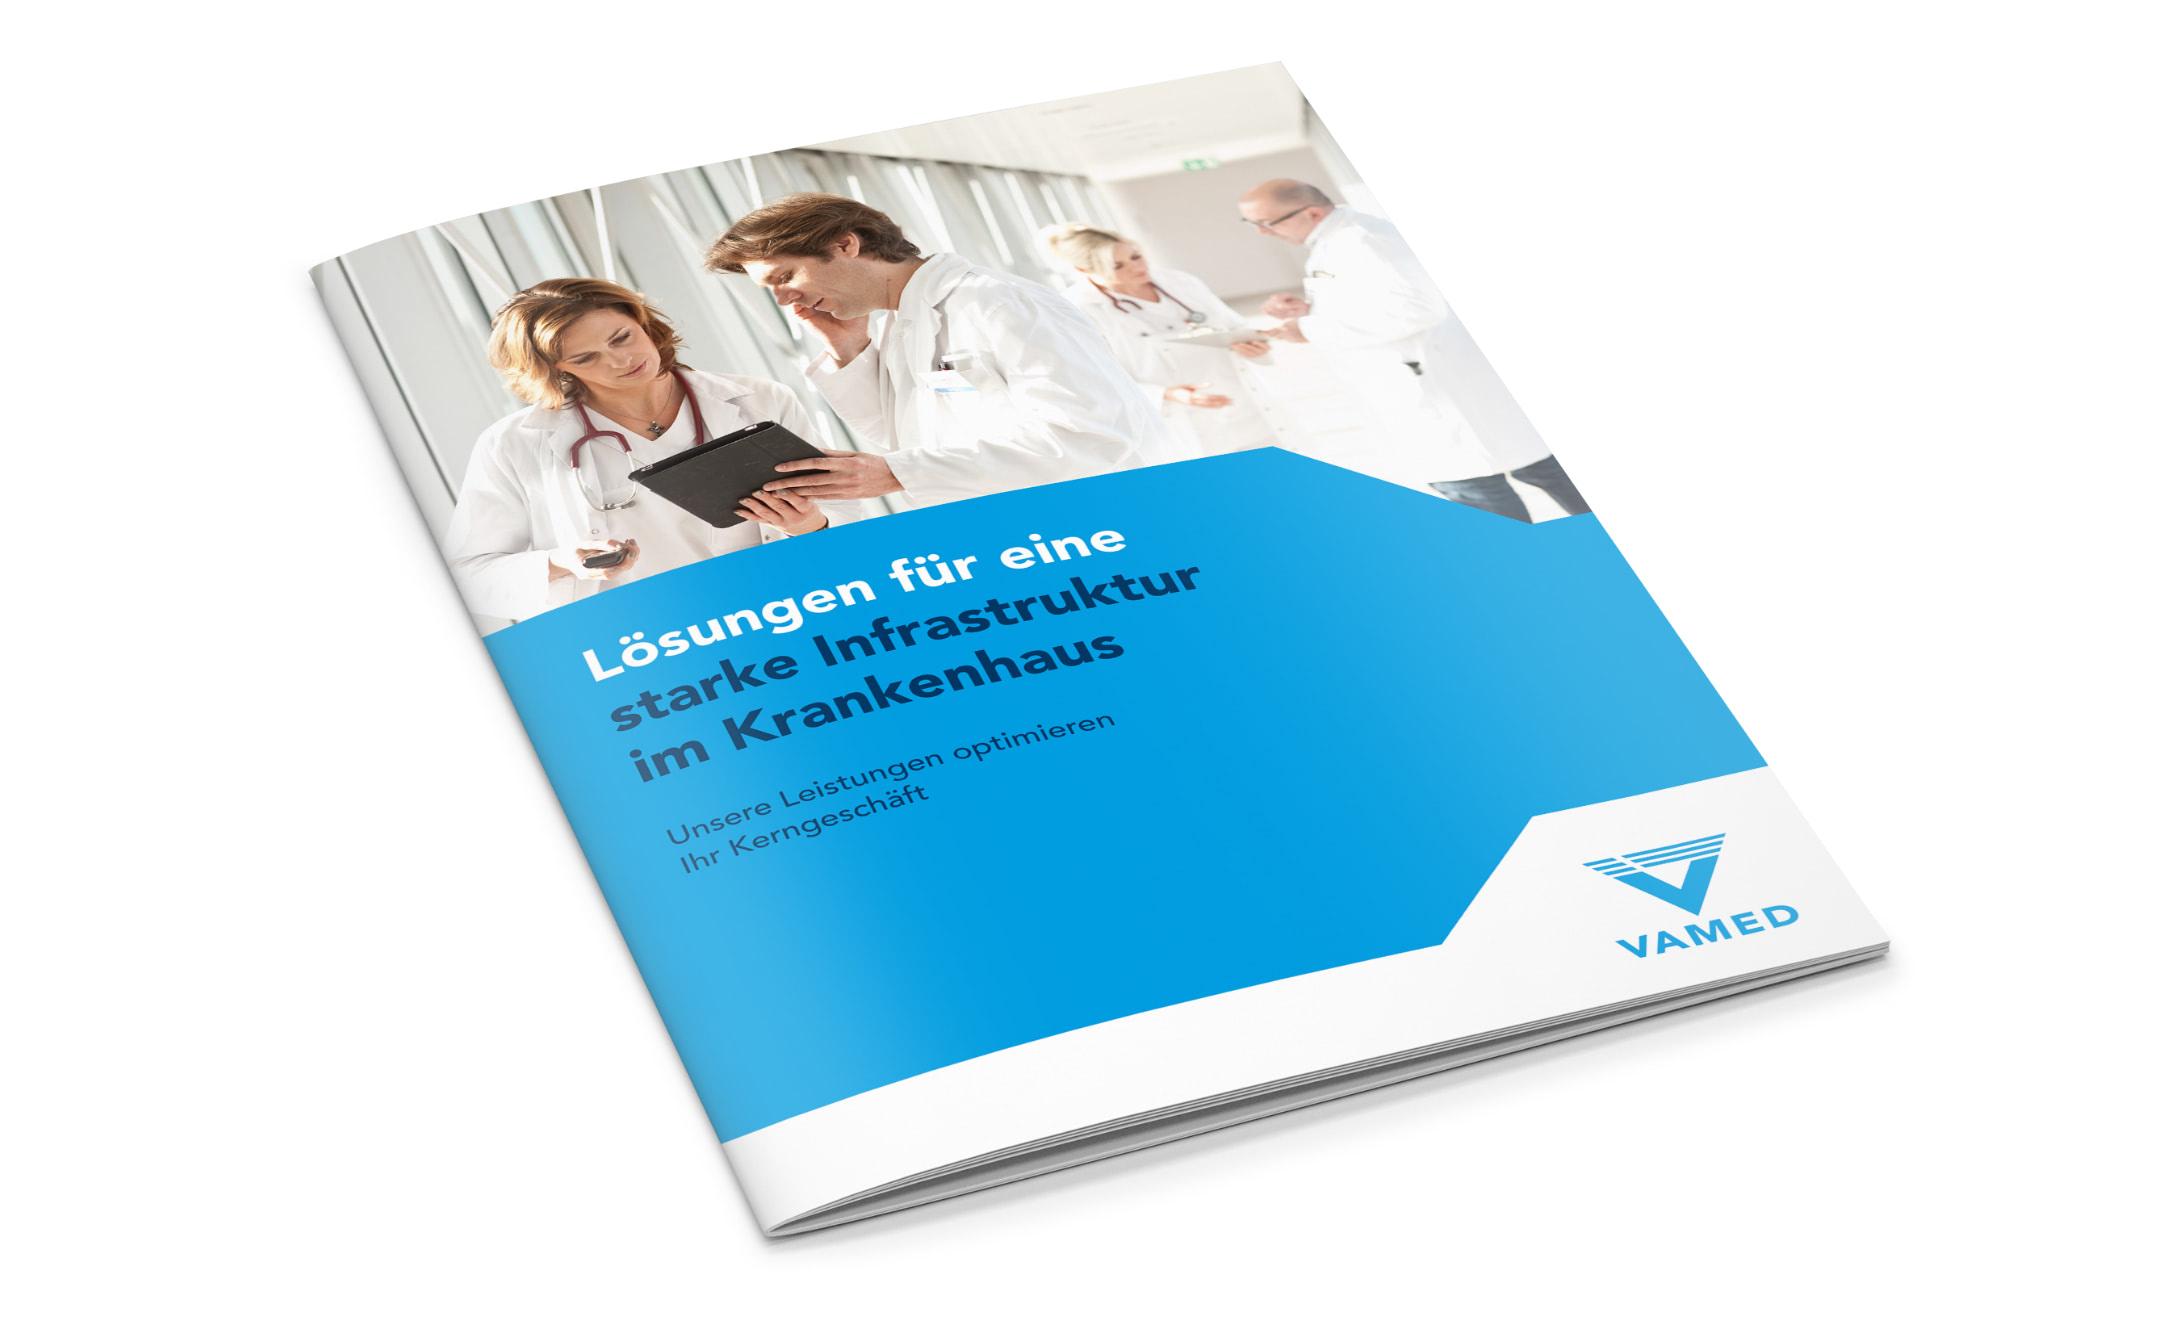 Cover einer Imagebroschüre der VAMED, neu gestaltet von der Healthcare Werbeagentur mcs